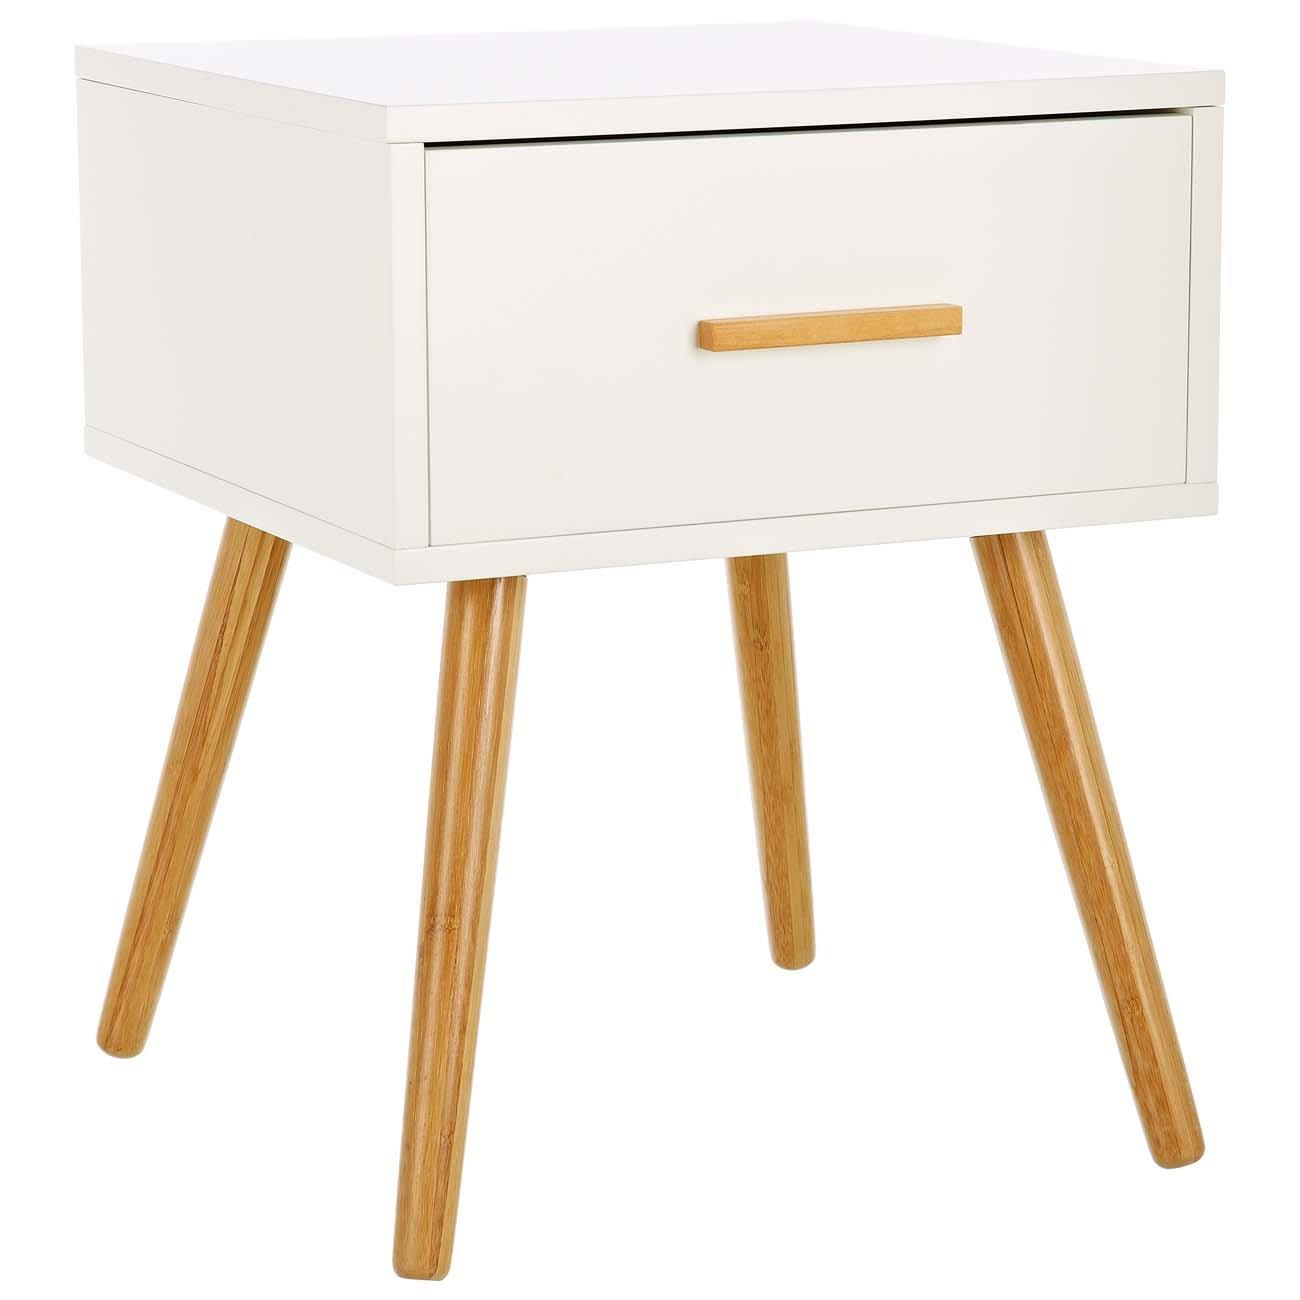 LOMOS® No.4 Beistellschrank aus Holz in weiß mit einer Schublade im modernen RetroDesign    Kritiken und weitere Informationen